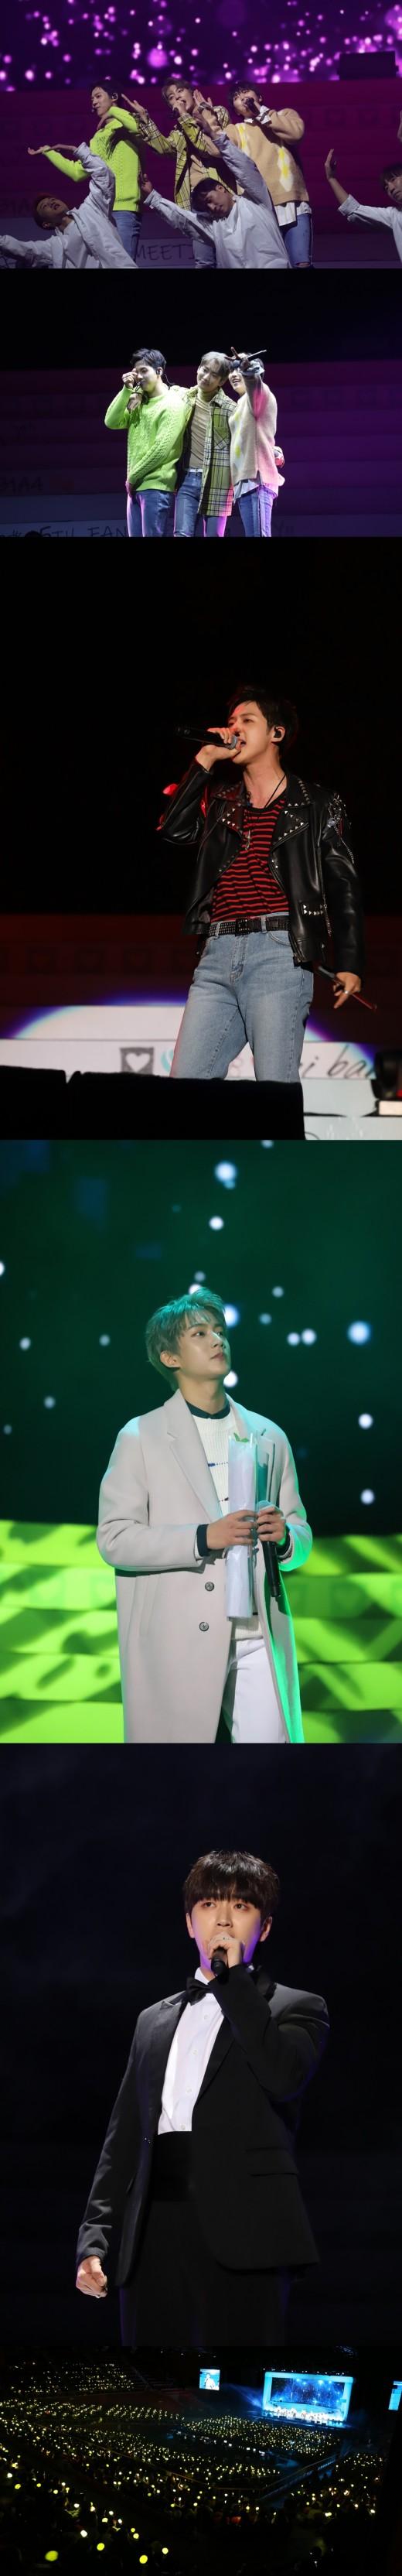 3인조 B1A4, 팬들과 함께 펑펑 울었다